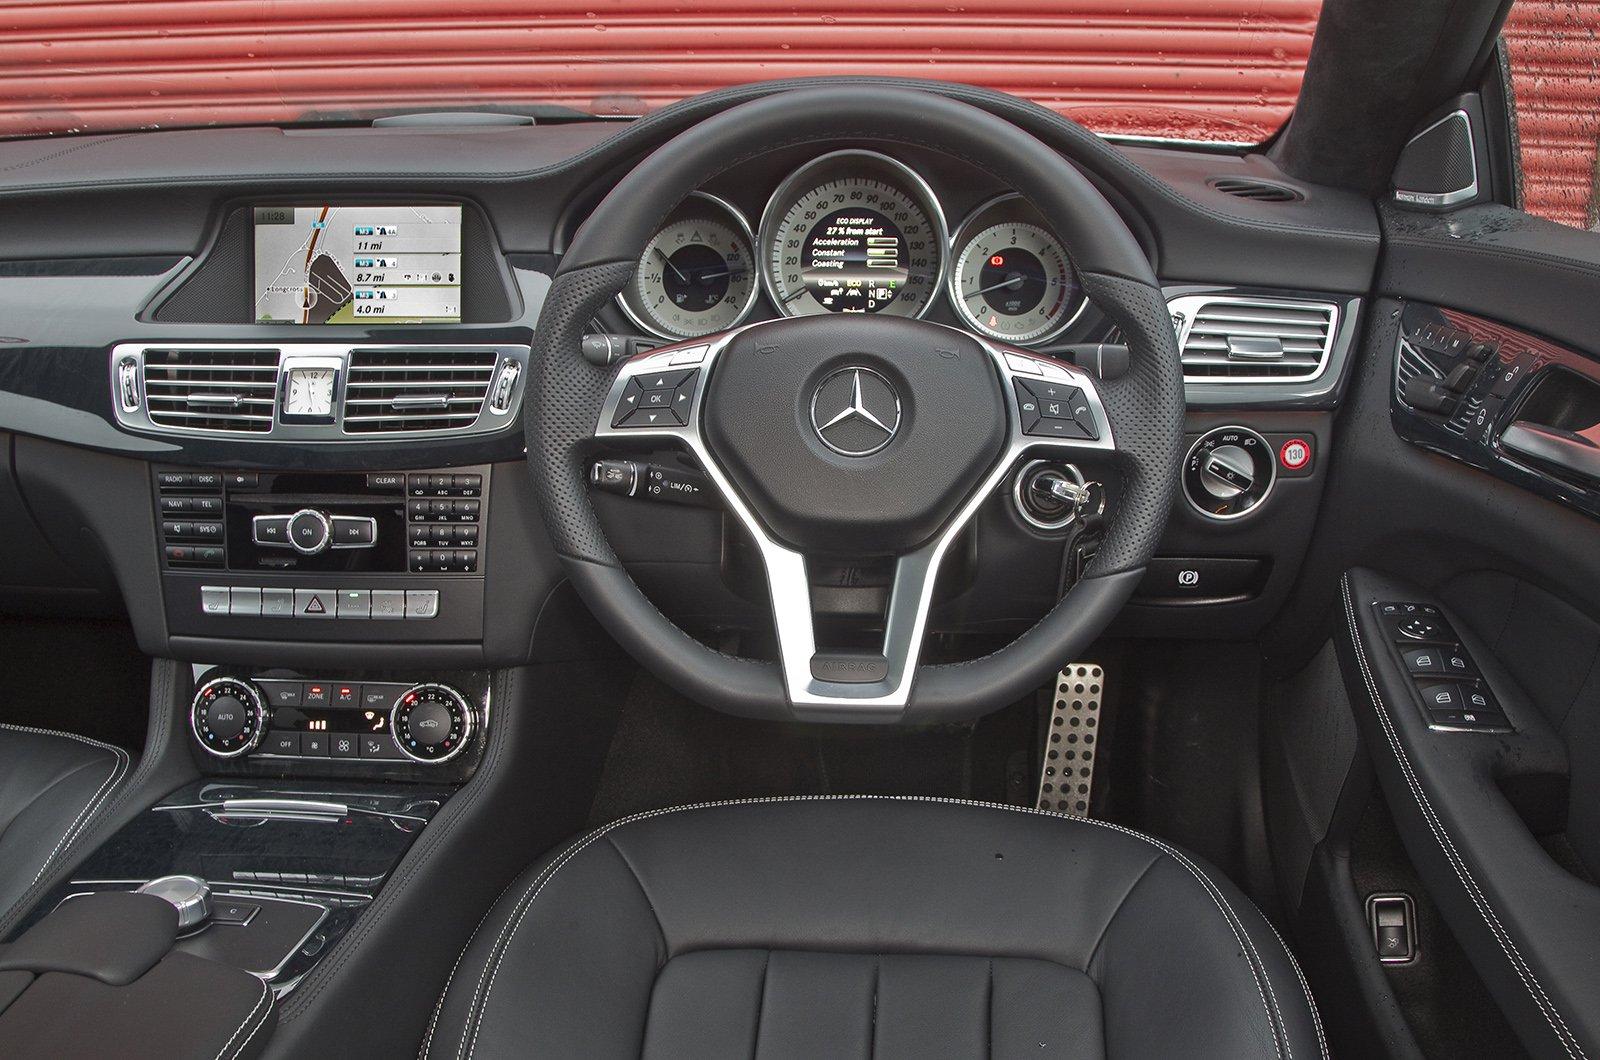 Used Mercedes CLS Shooting Brake 2012 - 2018